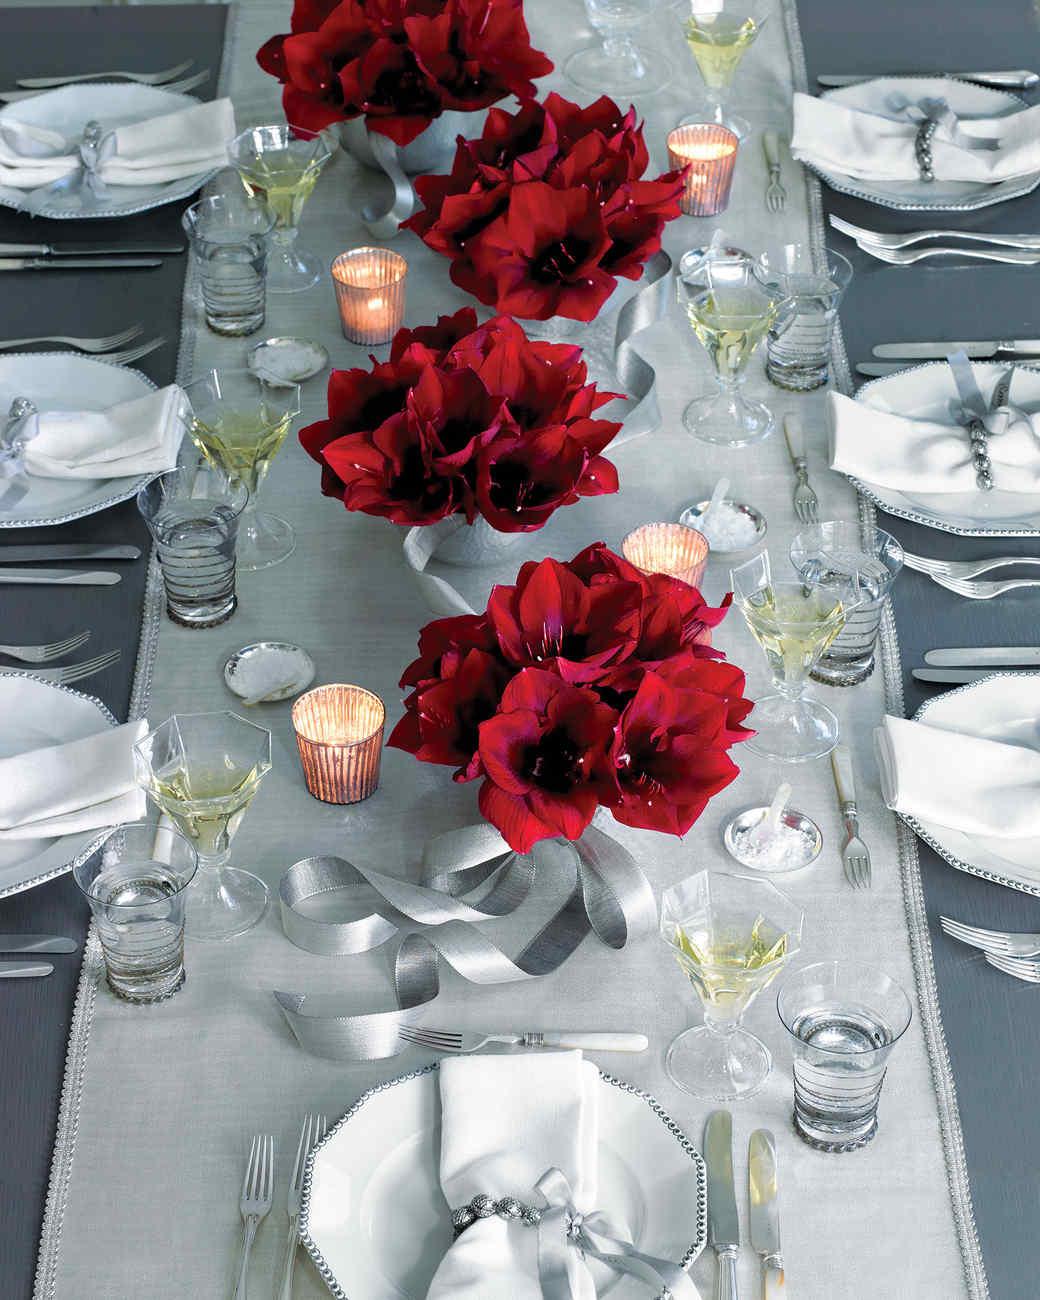 Flower arrangements for holidays martha stewart - Les plus belles tables de noel ...